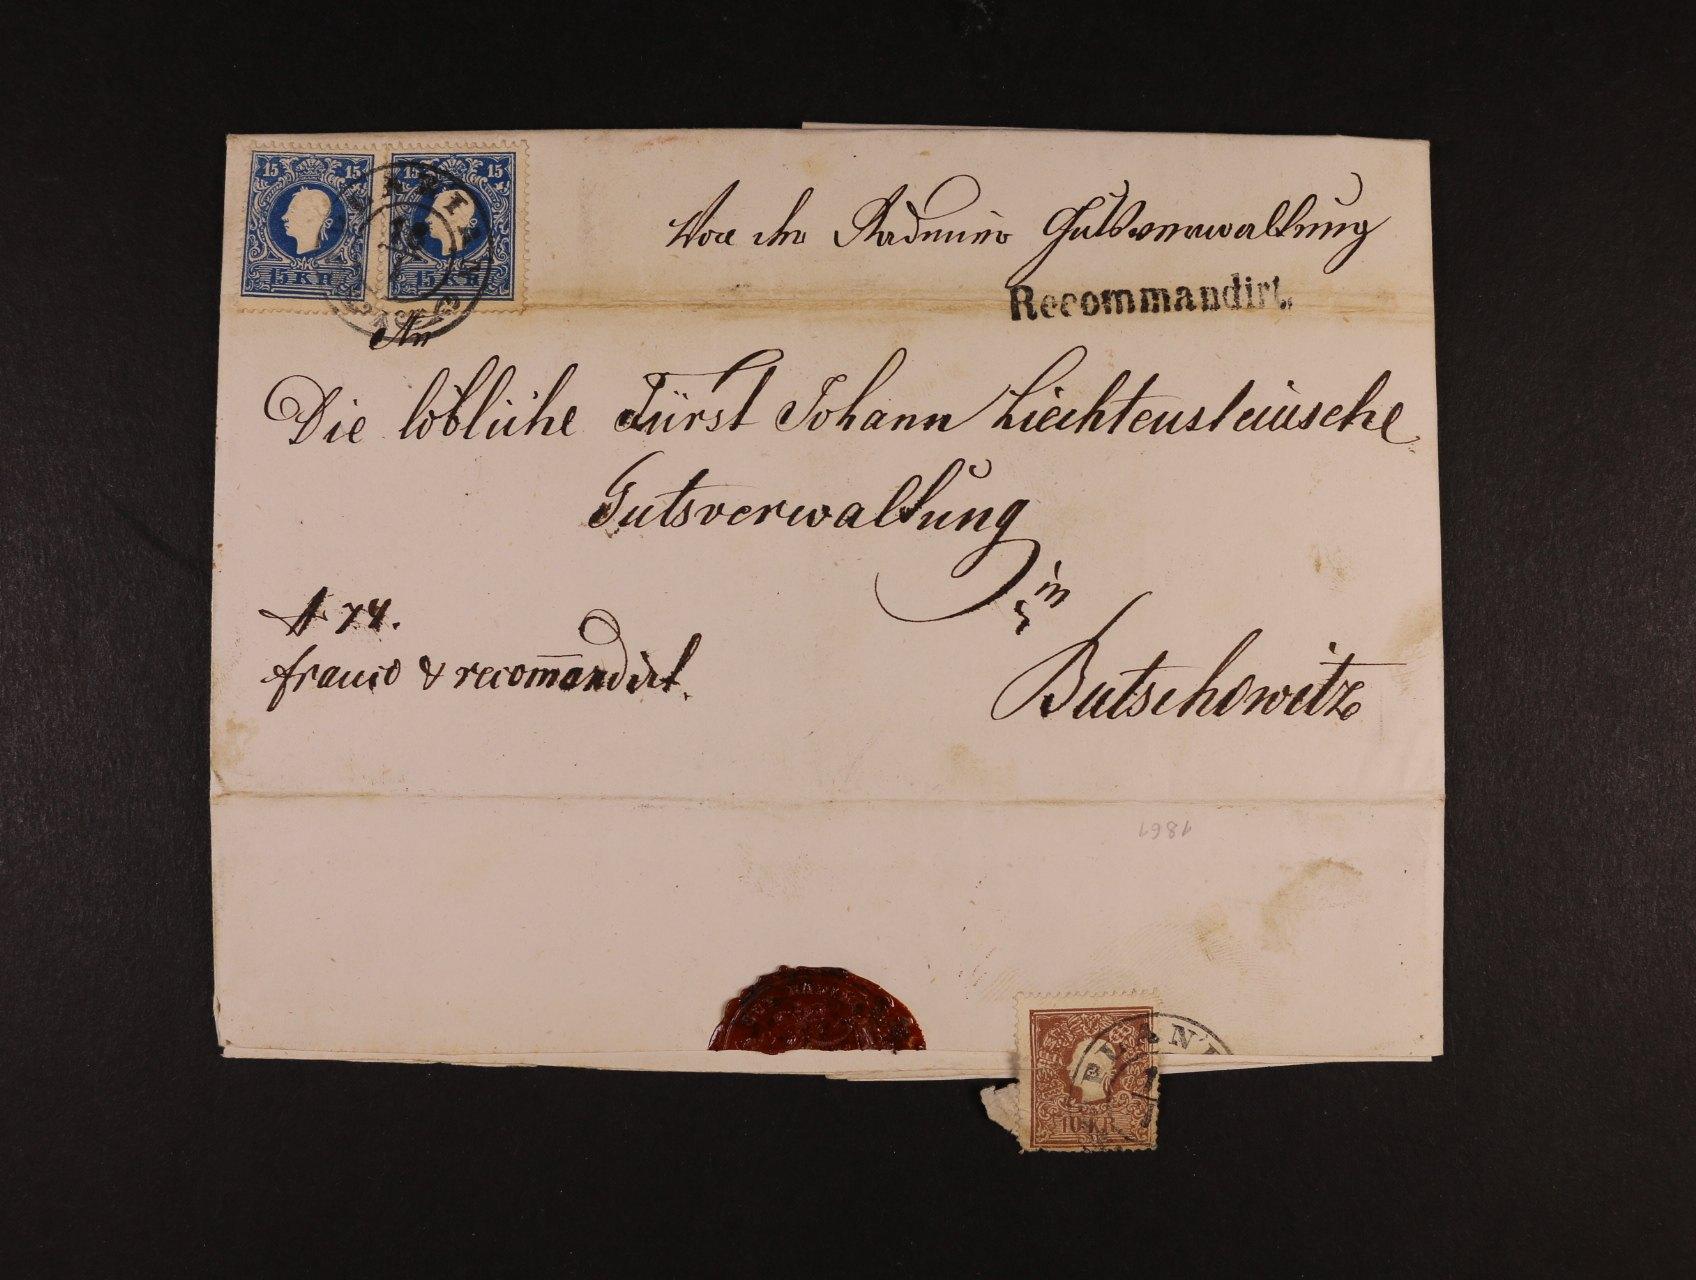 skl. R-dopis do Bučovic z r. 1861 frank. na přední str. zn. Fe. č. 15 II (2x), na zadní str. zn. Fe. č. 14 II, pod. raz. PLANIAN 15.1., v horní části registr. lom, řádk. raz. RECOMMANDIRT